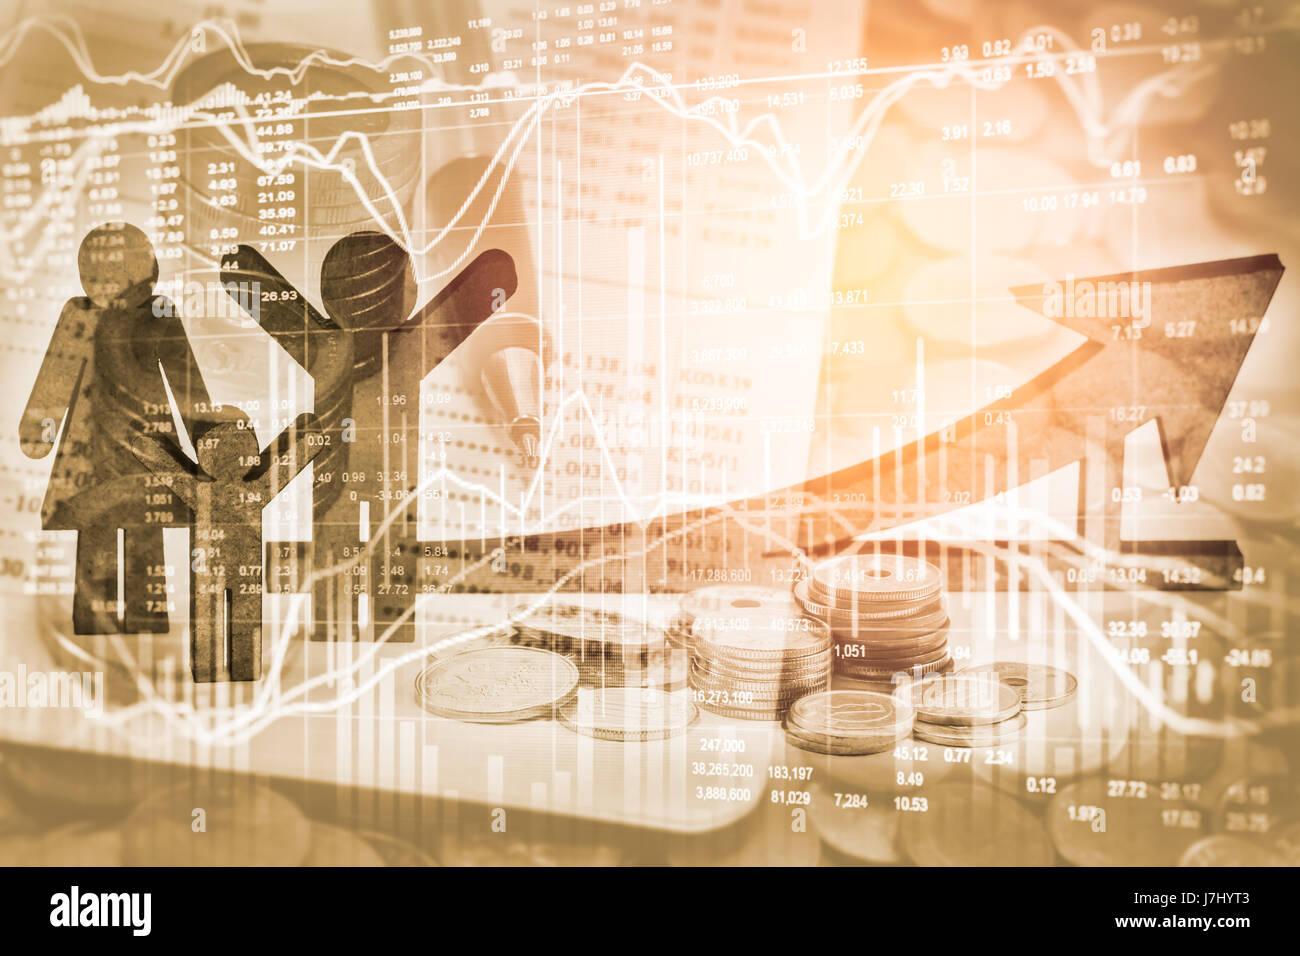 Doppia esposizione puntelli business su stock crescita finanziaria. Economia tornare a guadagnare concetto. Stock Immagini Stock